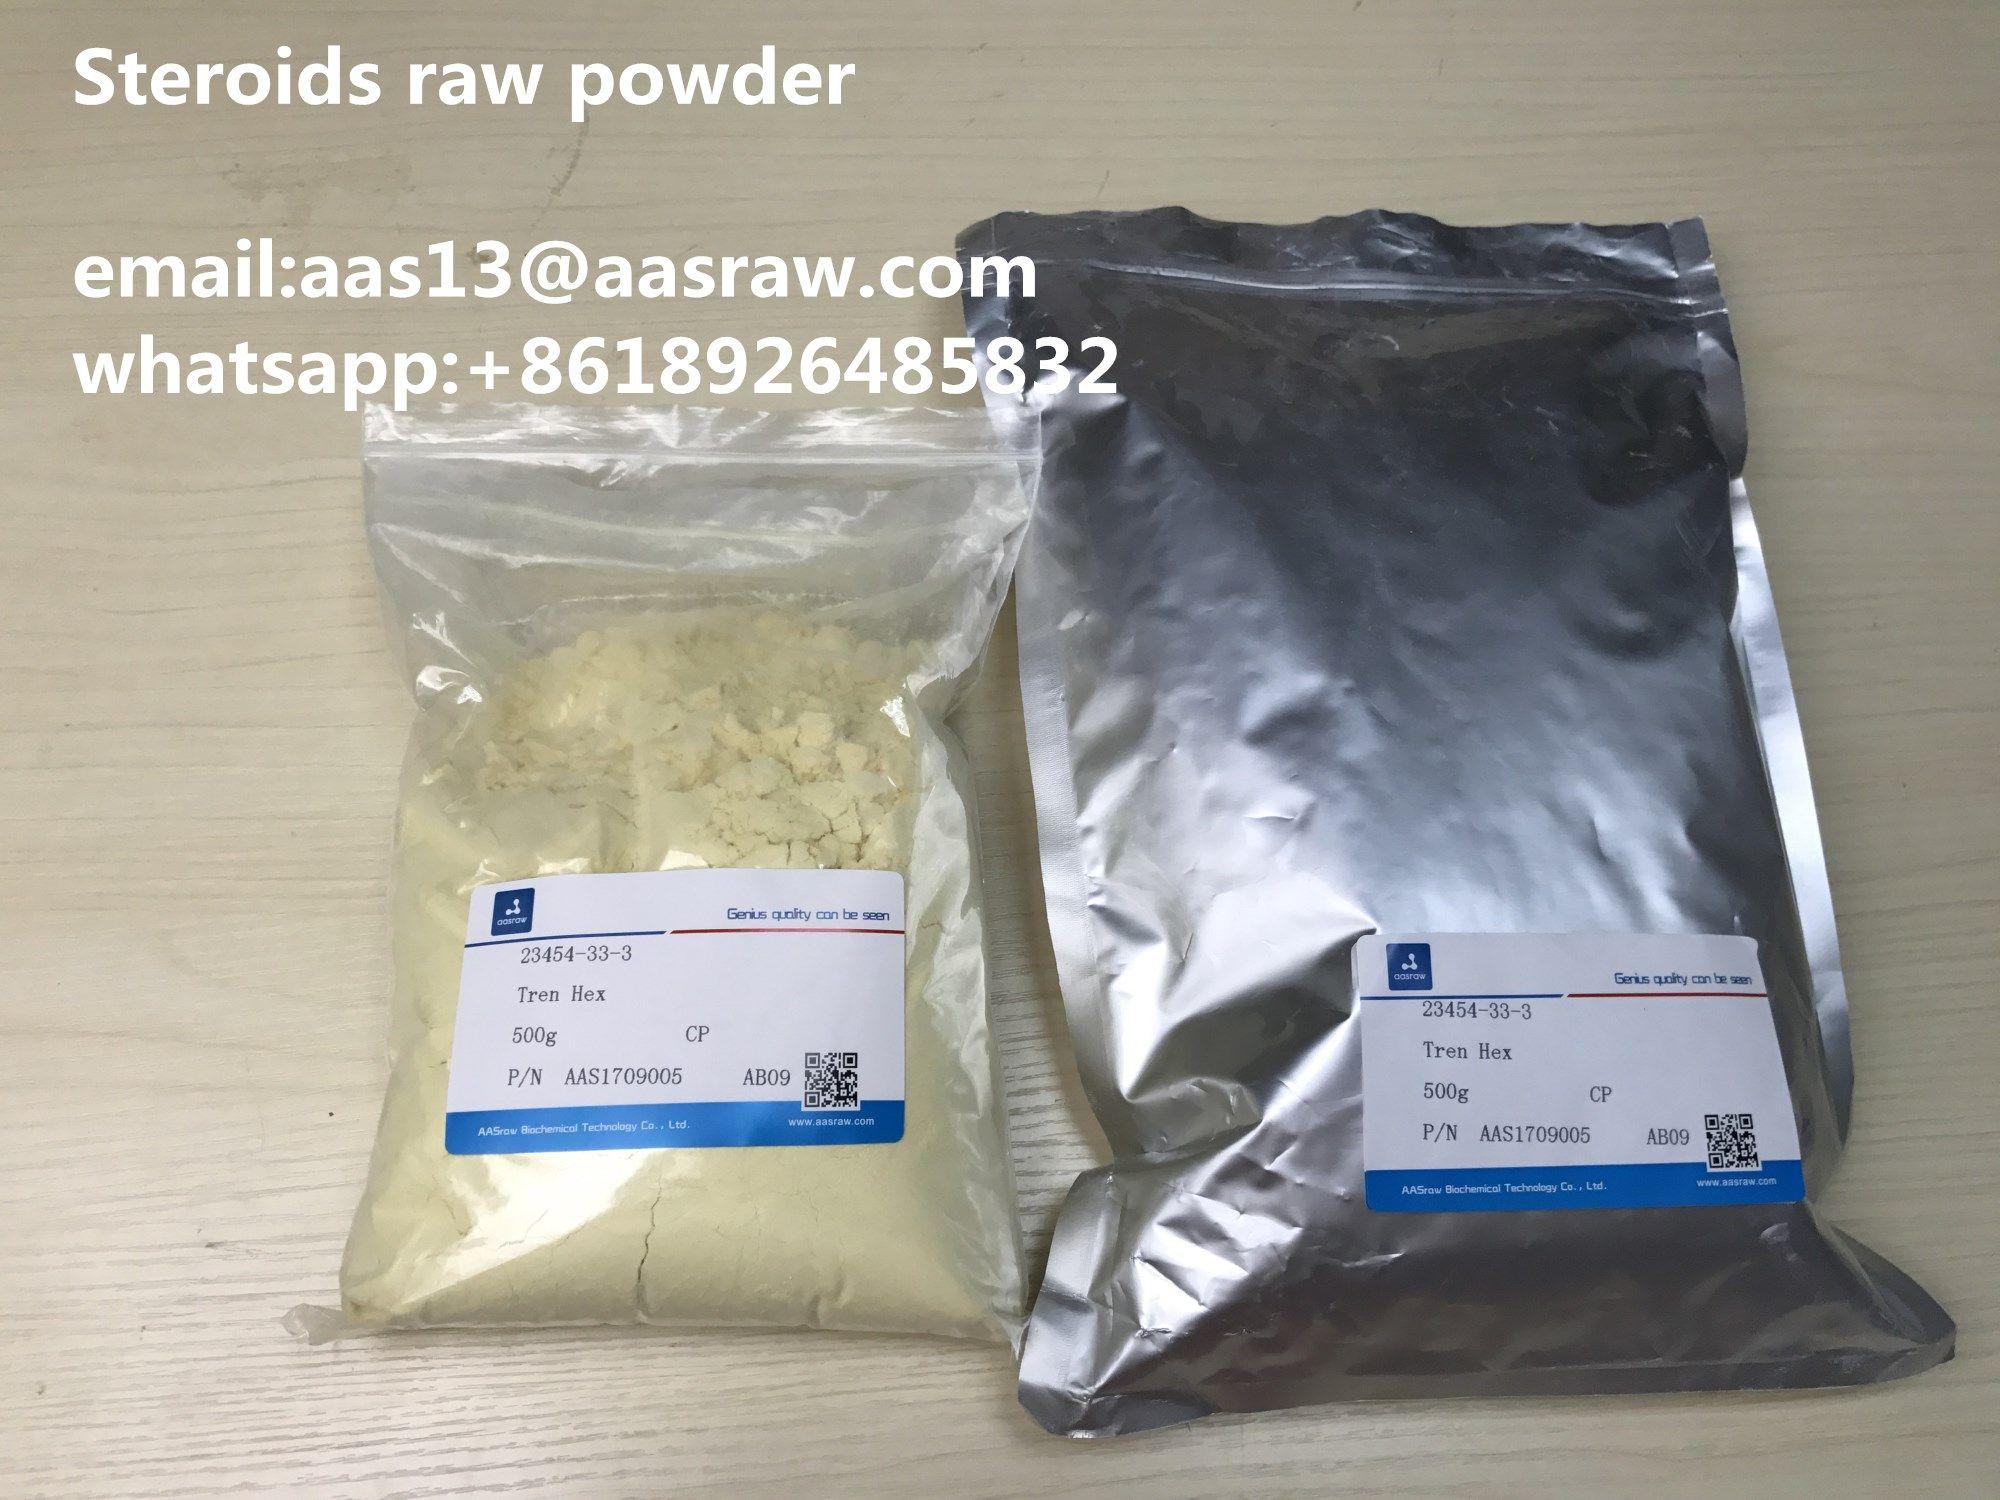 Tren Hex #Tren Hex powder #Trenbolone #Trenbolone Series #steroids